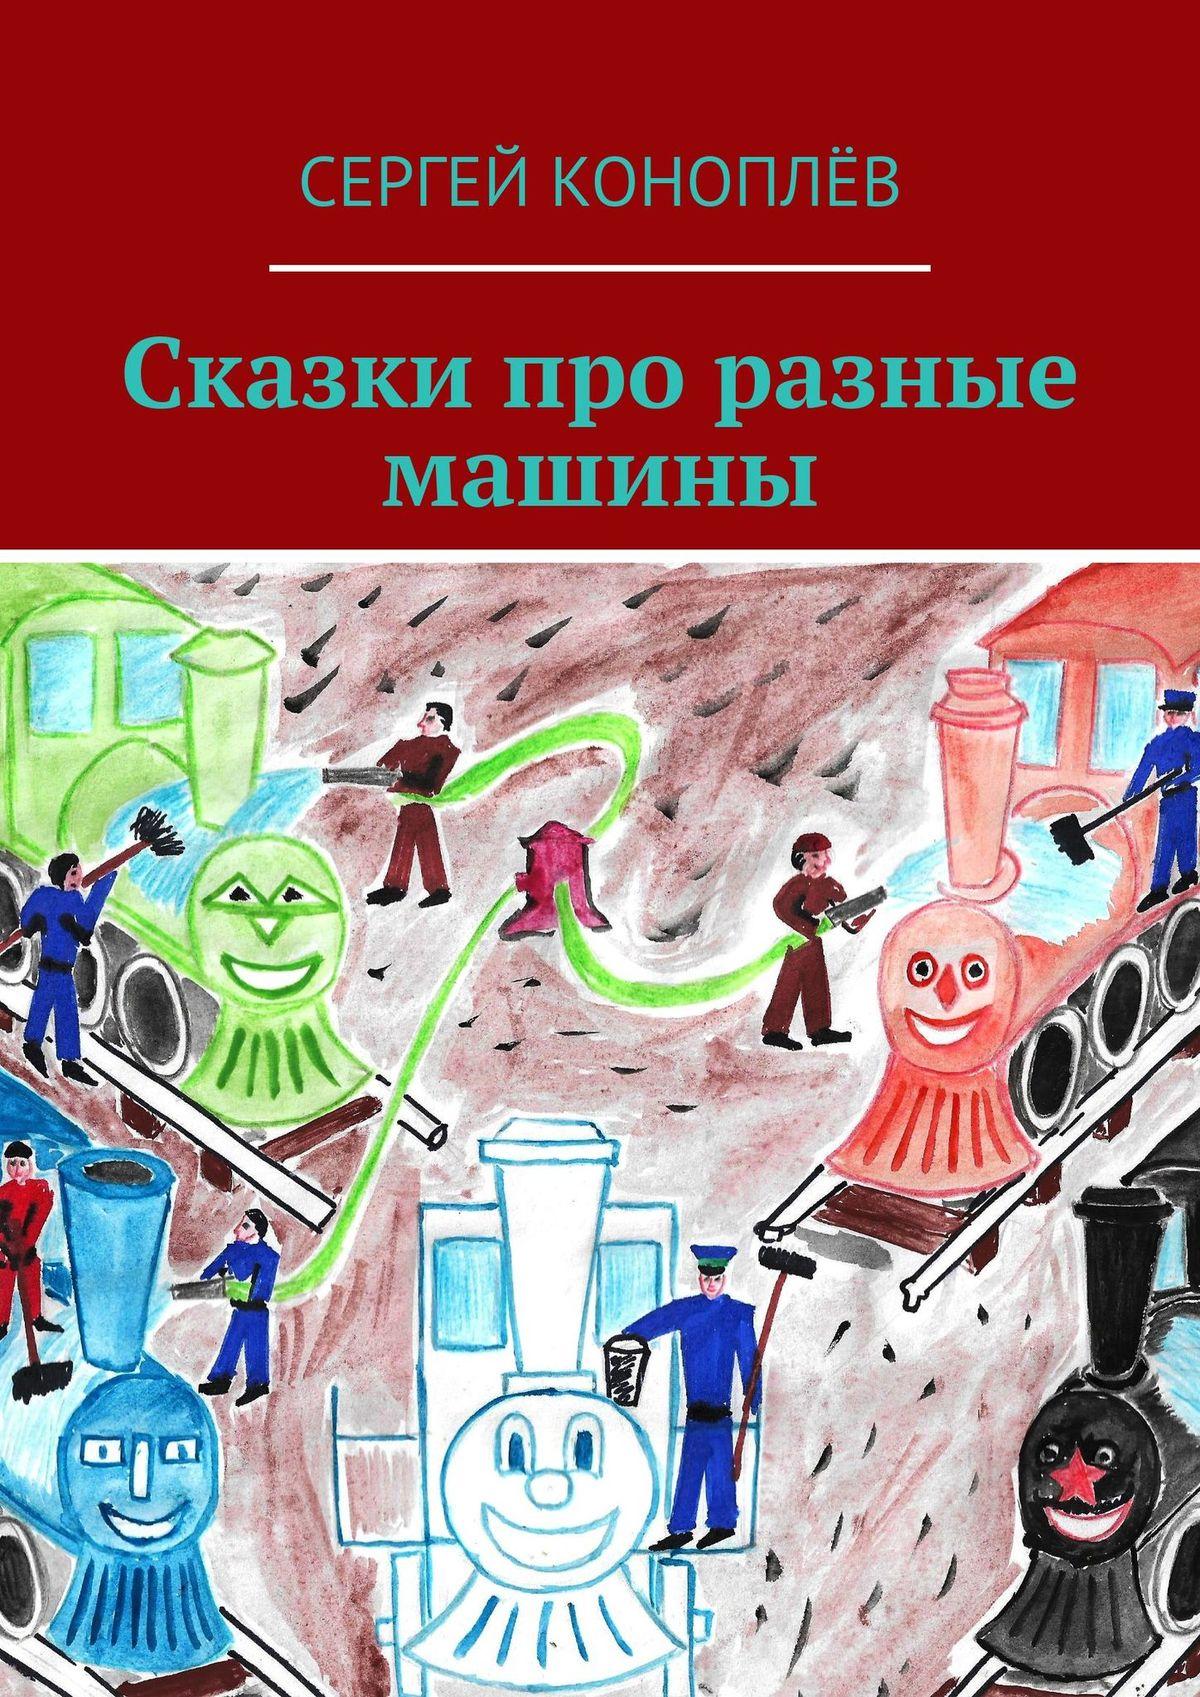 Сергей Коноплёв Сказки про разные машины цена